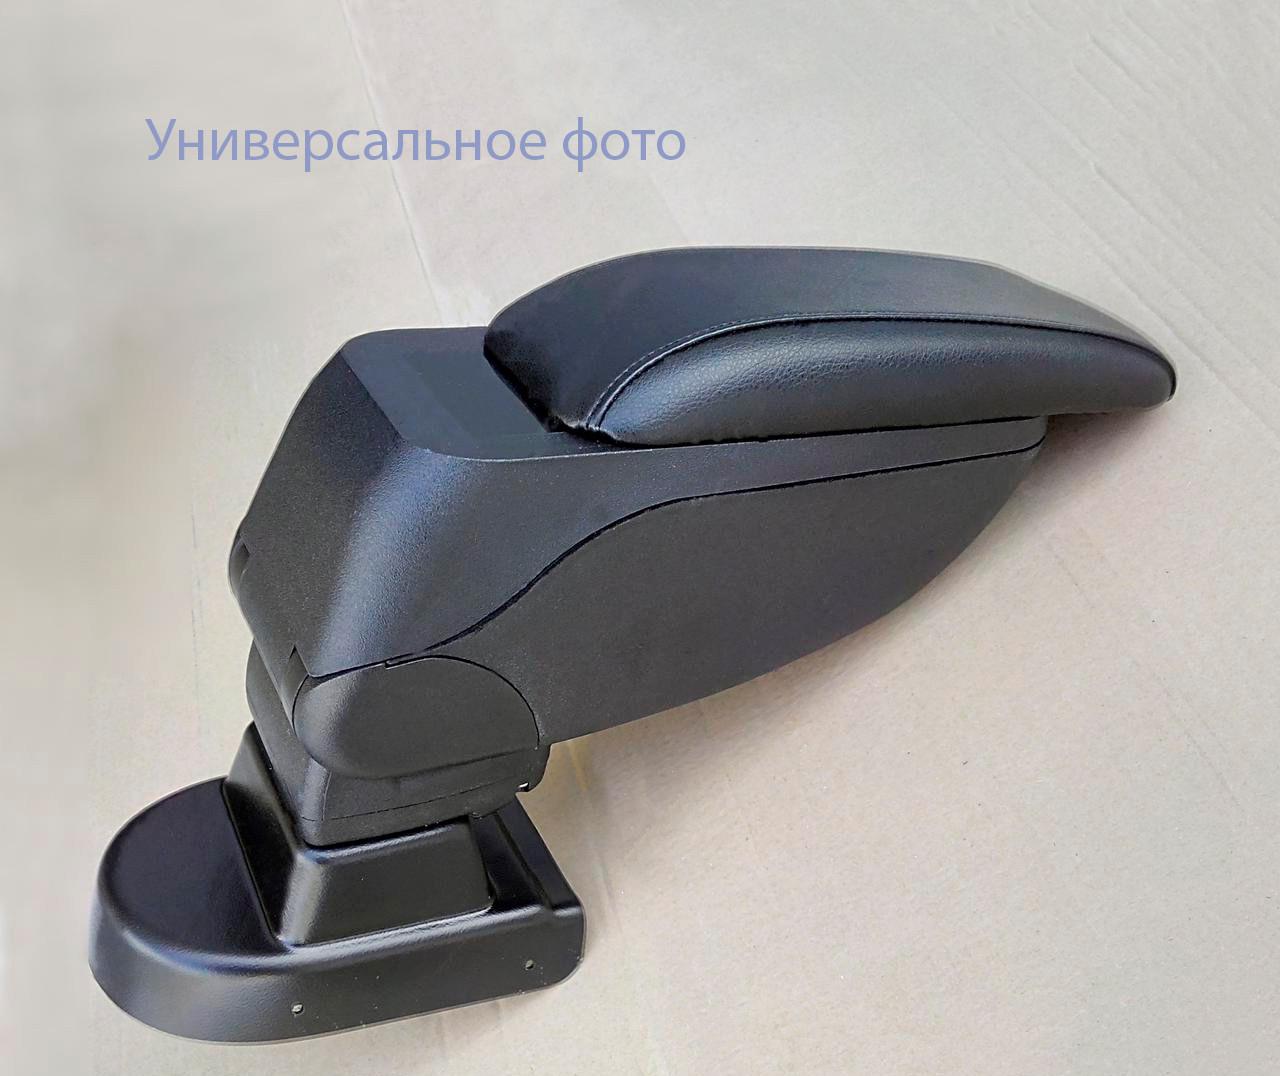 Подлокотник Hyundai Accent 06.06- /сдвижной,К2,черный/